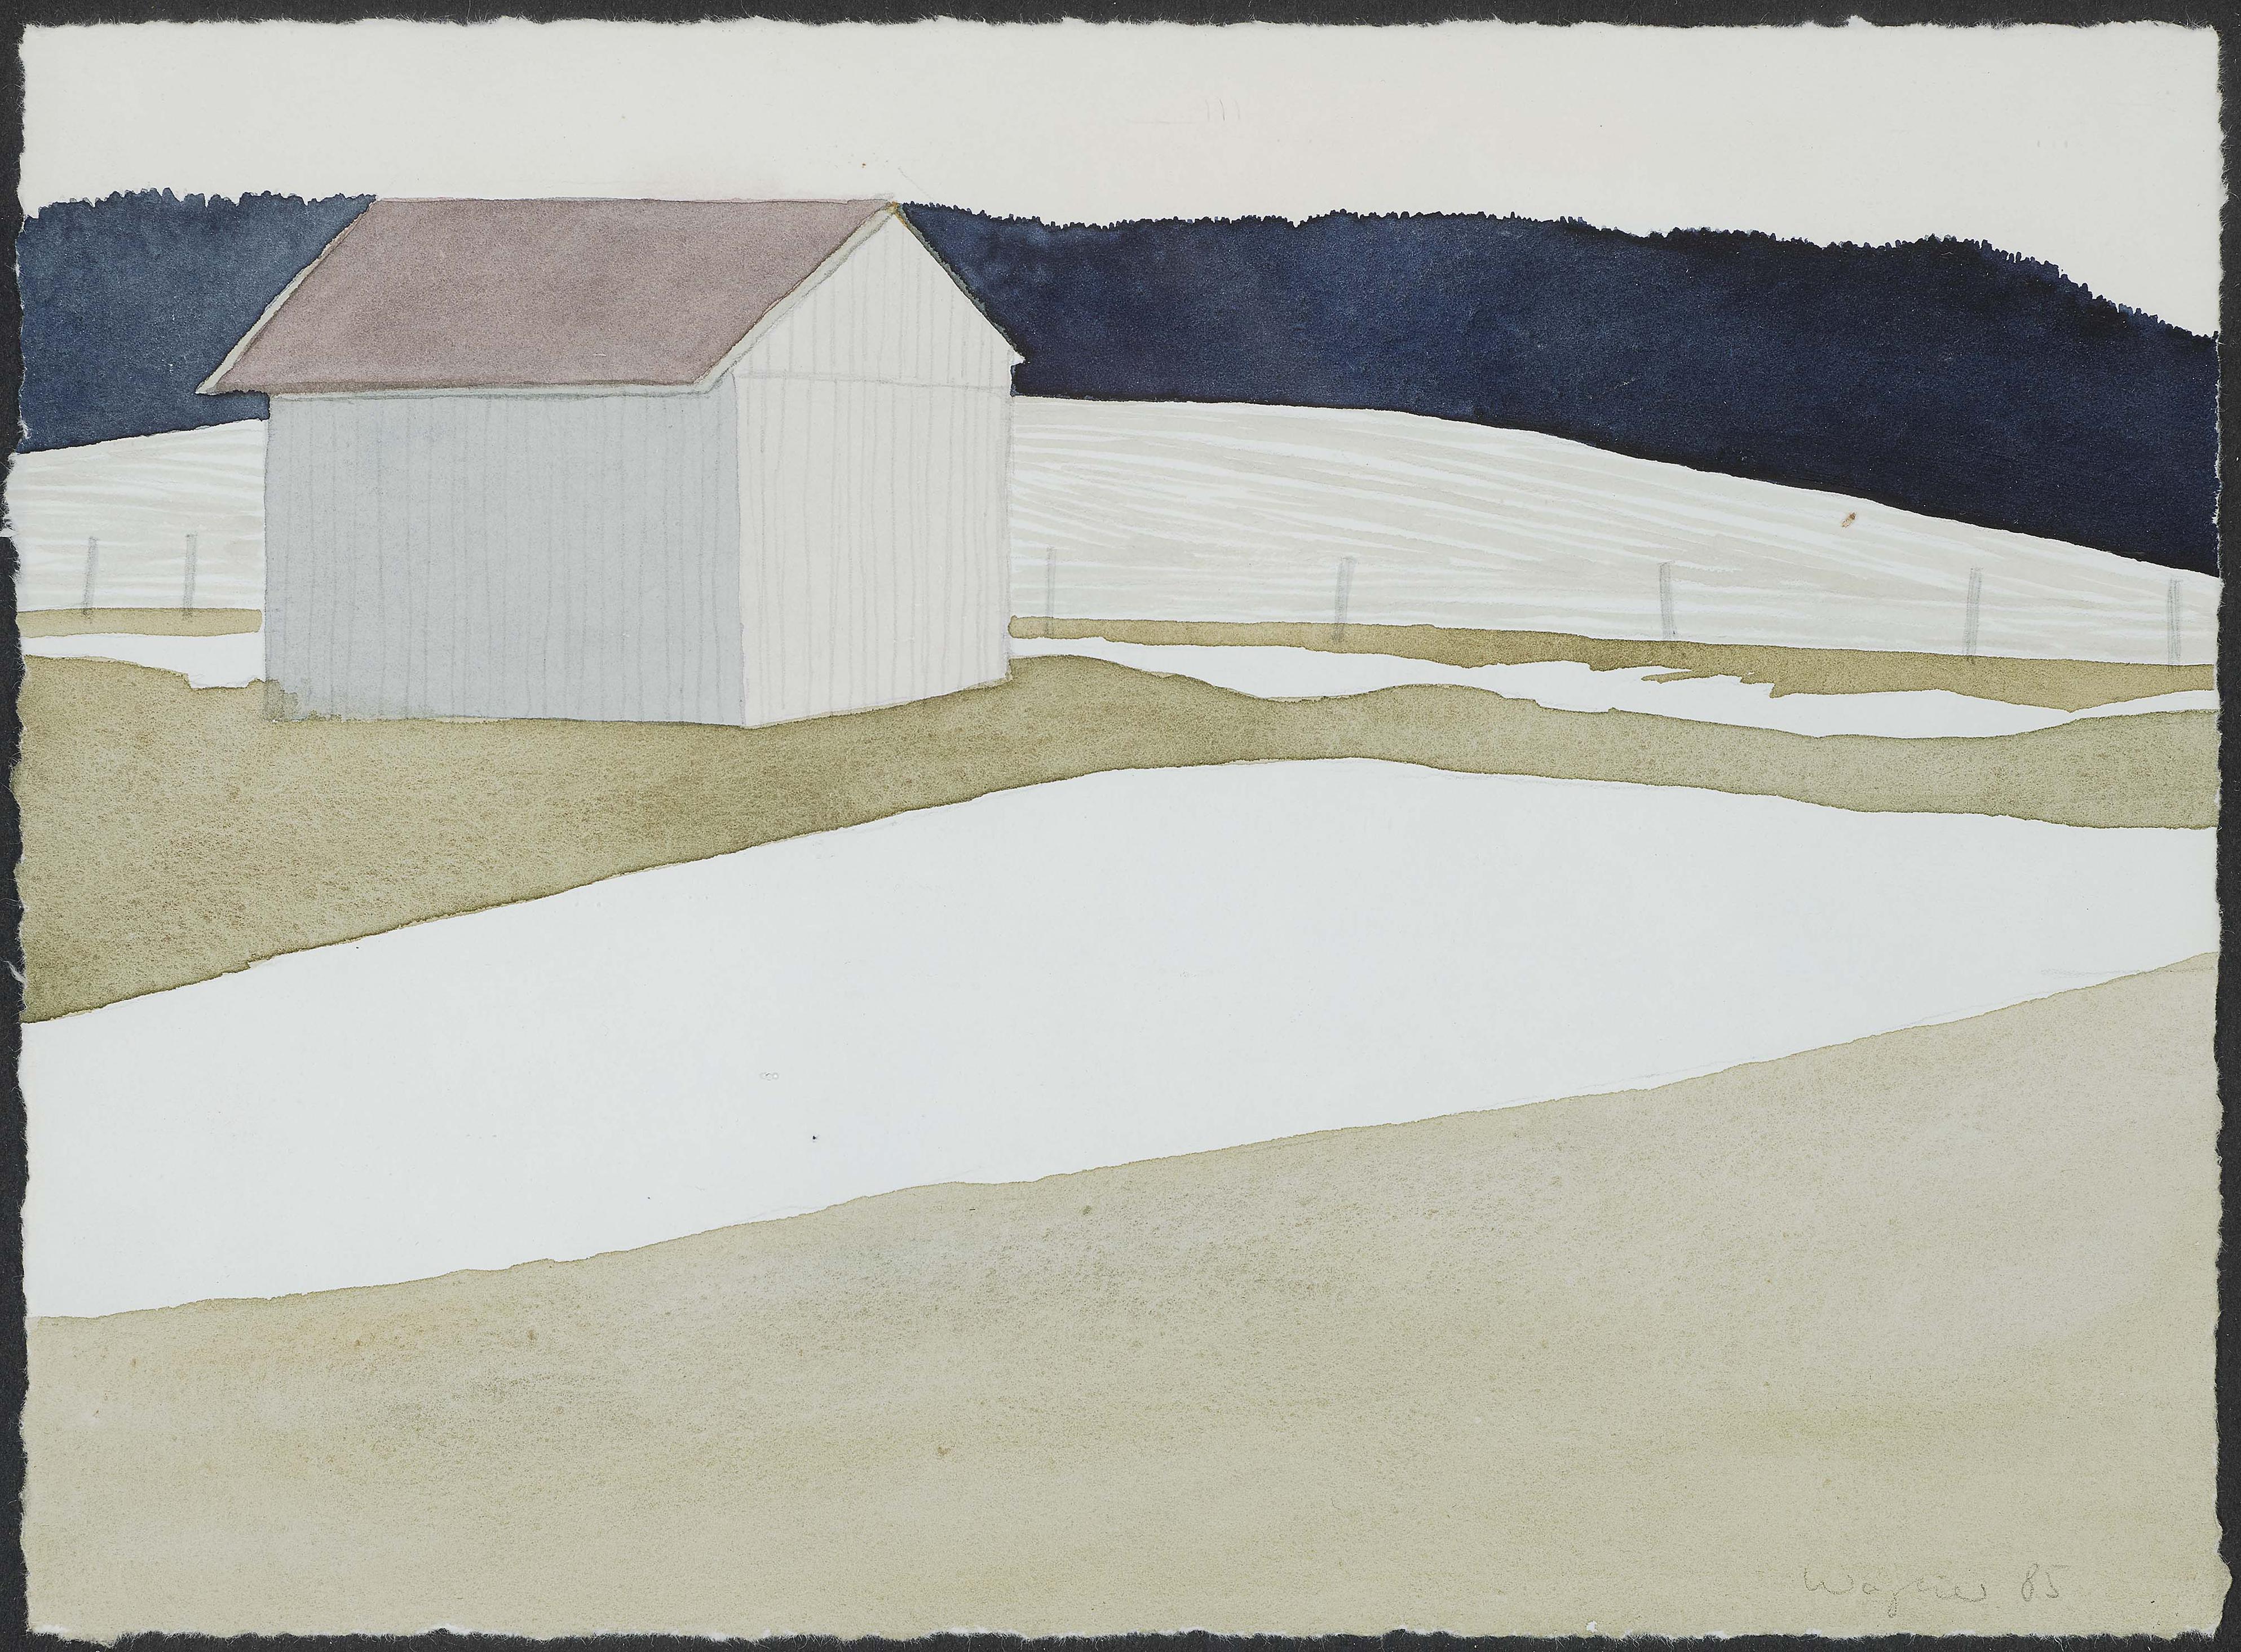 Reiner Wagner - Winterliche Landschaft Mit Scheune (Winter Landscape with Barn)-1985